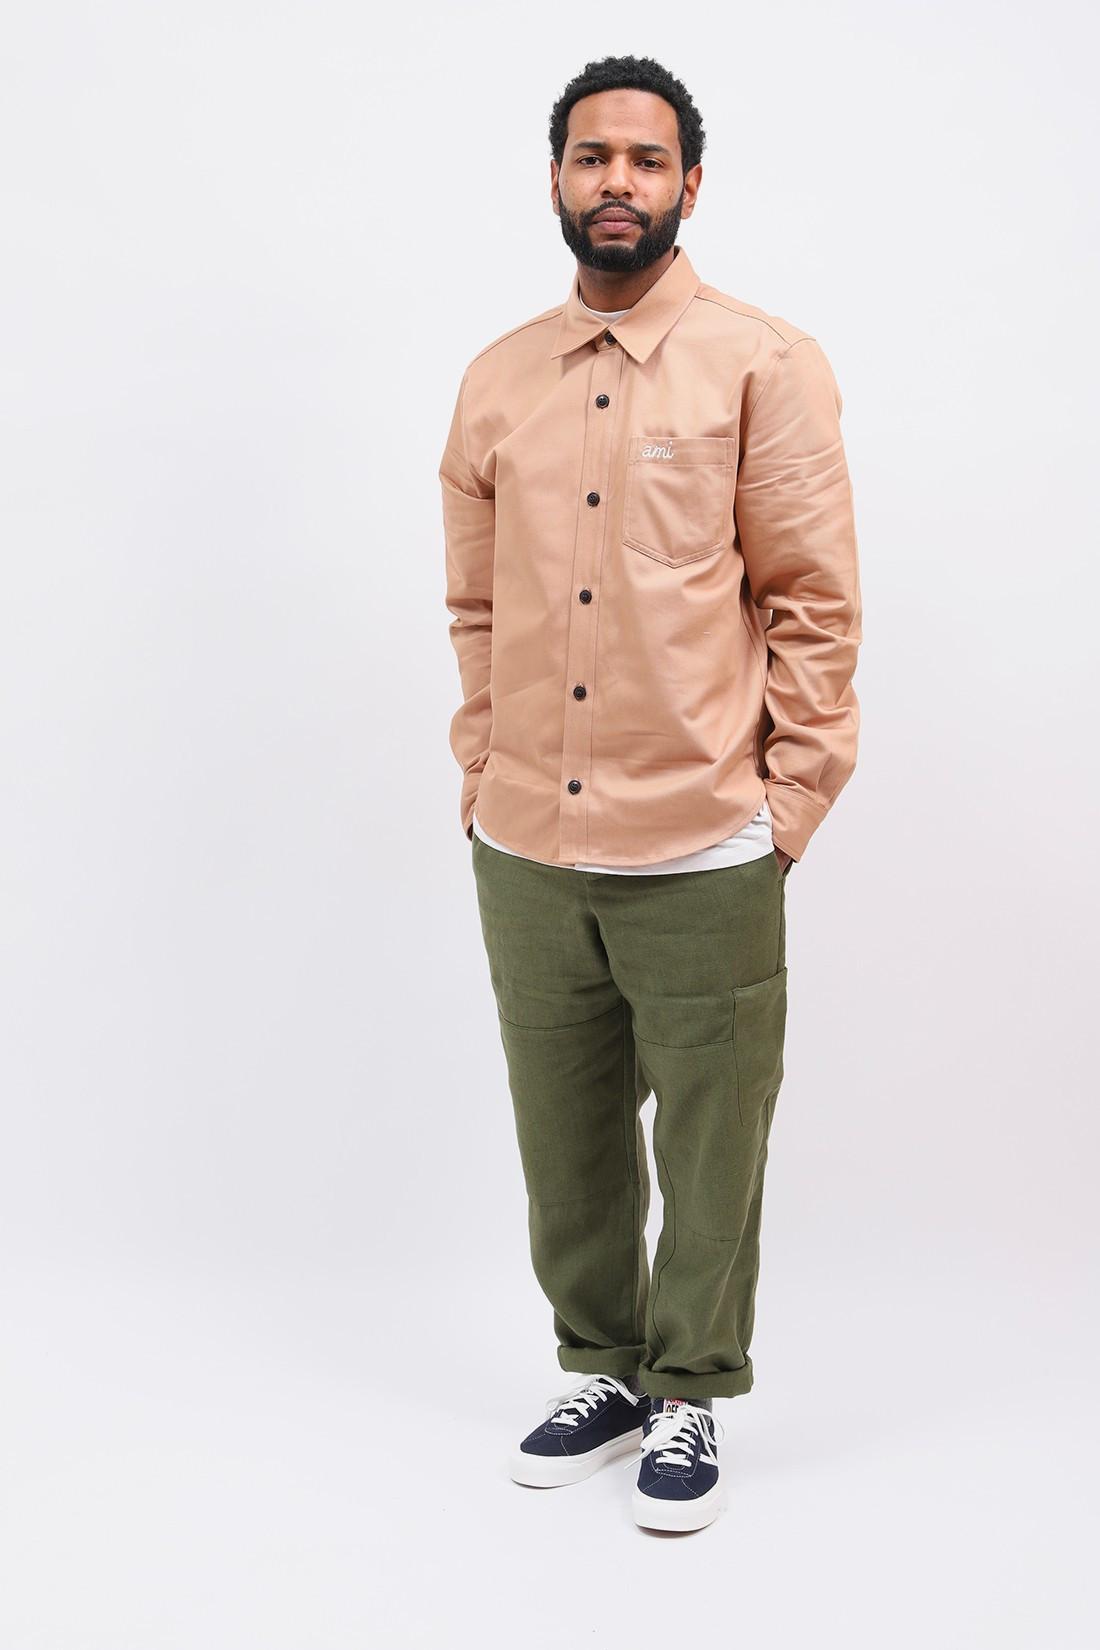 OLIVER SPENCER / Judo pant linen Green